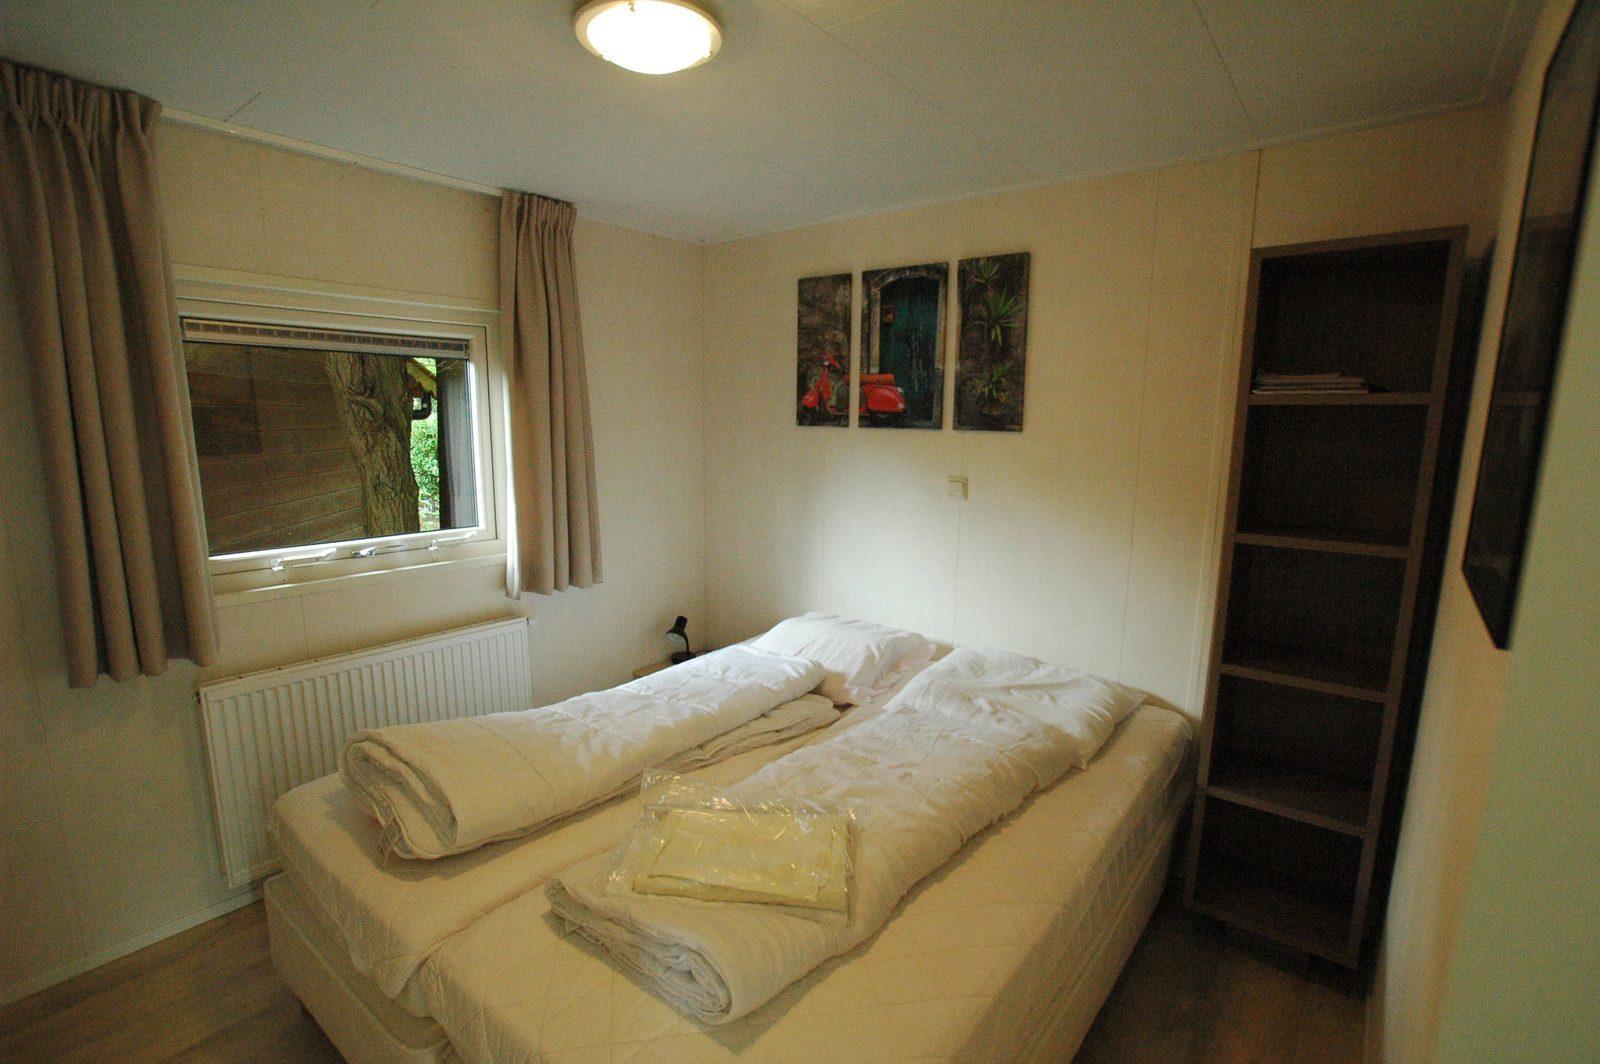 Kavel 83 slaapkamer